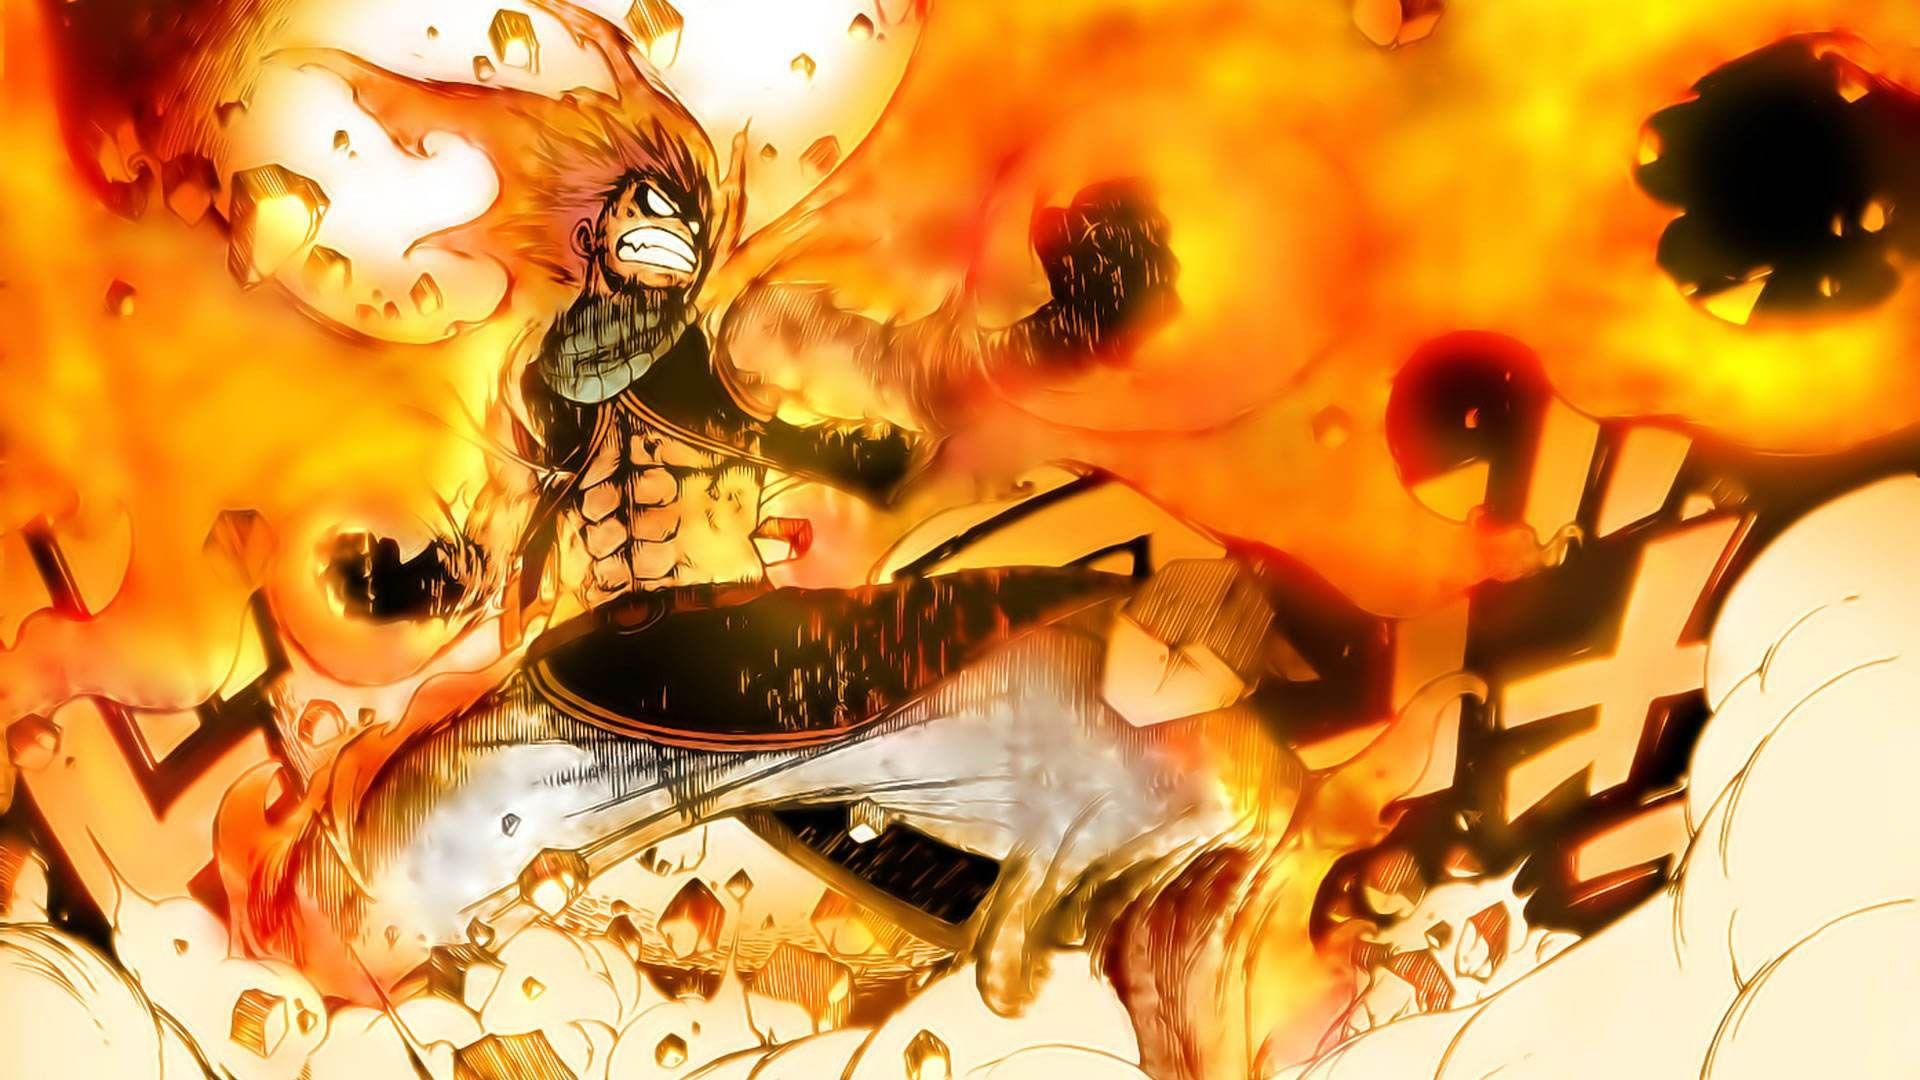 《妖精的尾巴》视频曝光:完美还原原作,重燃你的热血